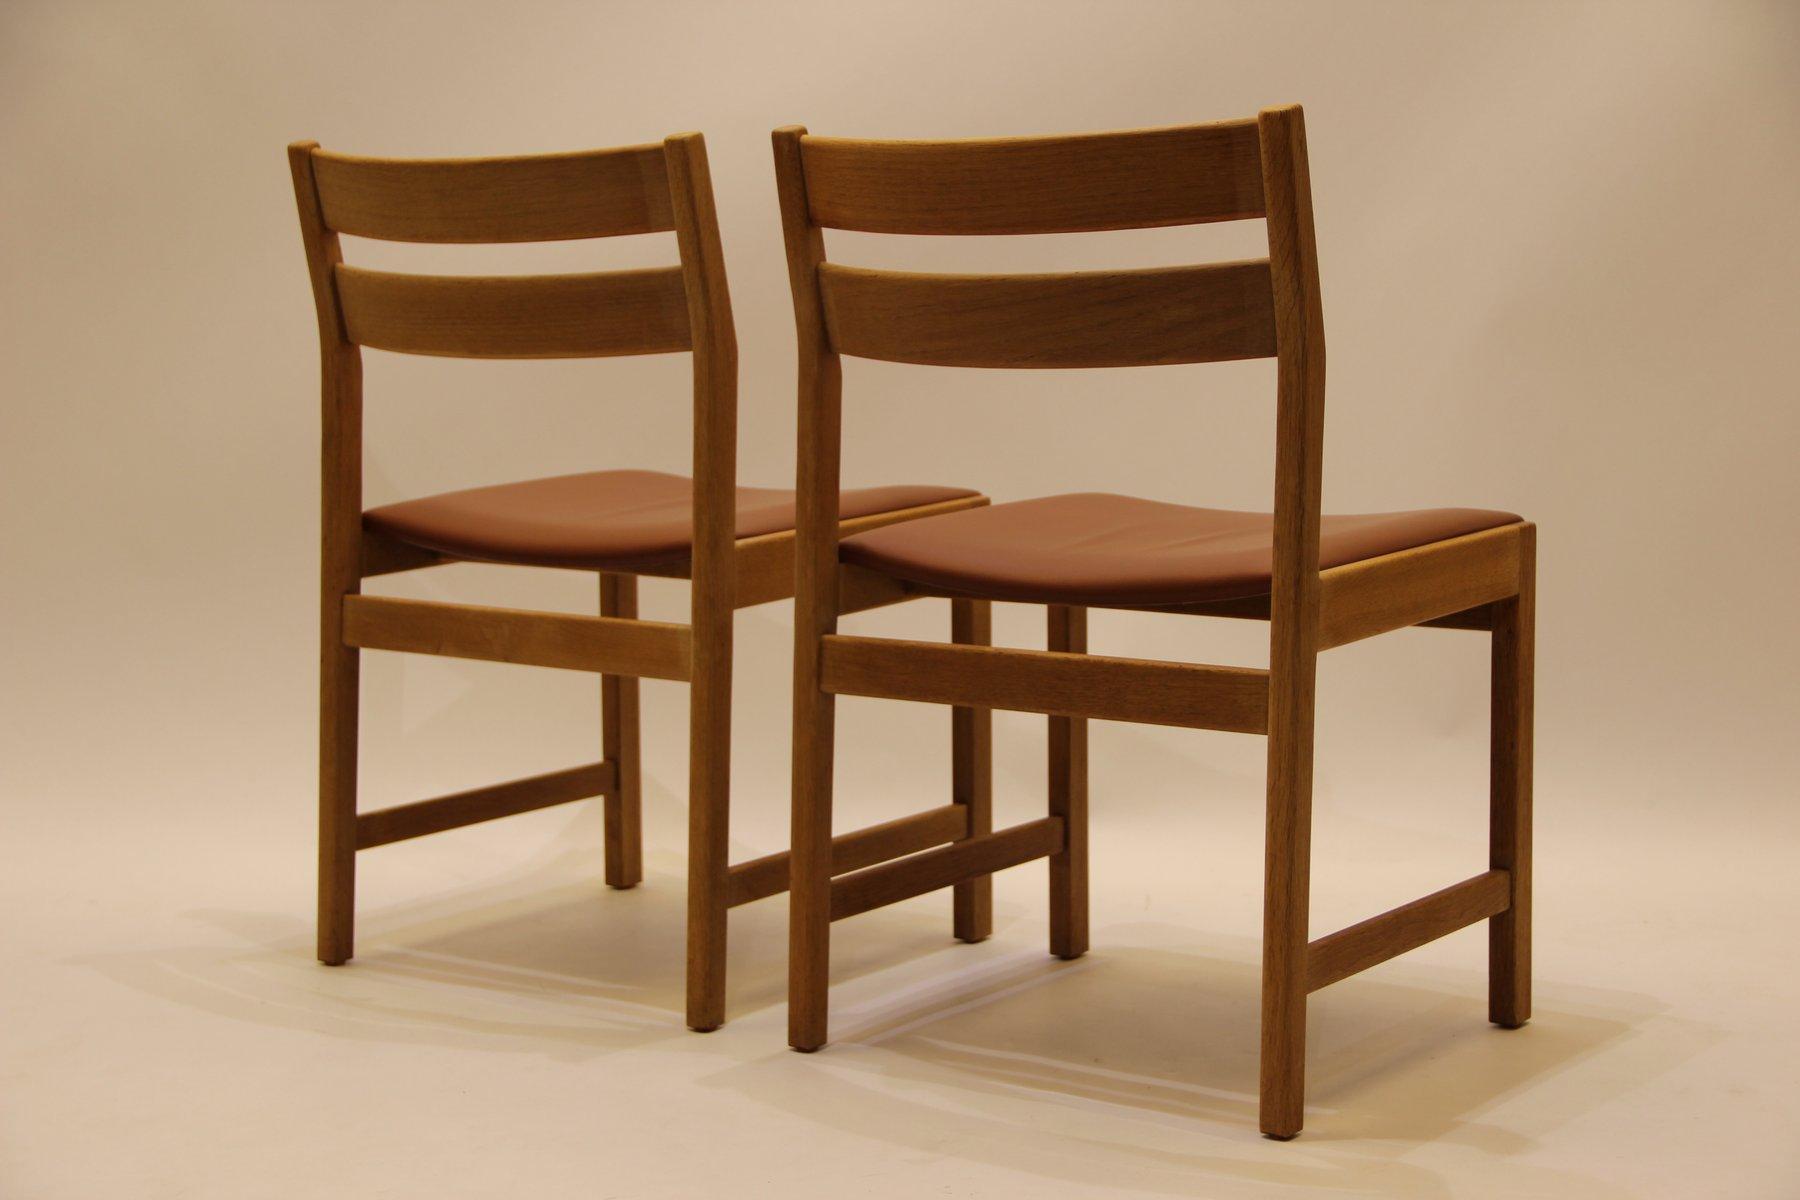 d nische vintage esszimmer st hle aus eiche braunem leder von kurt stervig f r kp m lber. Black Bedroom Furniture Sets. Home Design Ideas